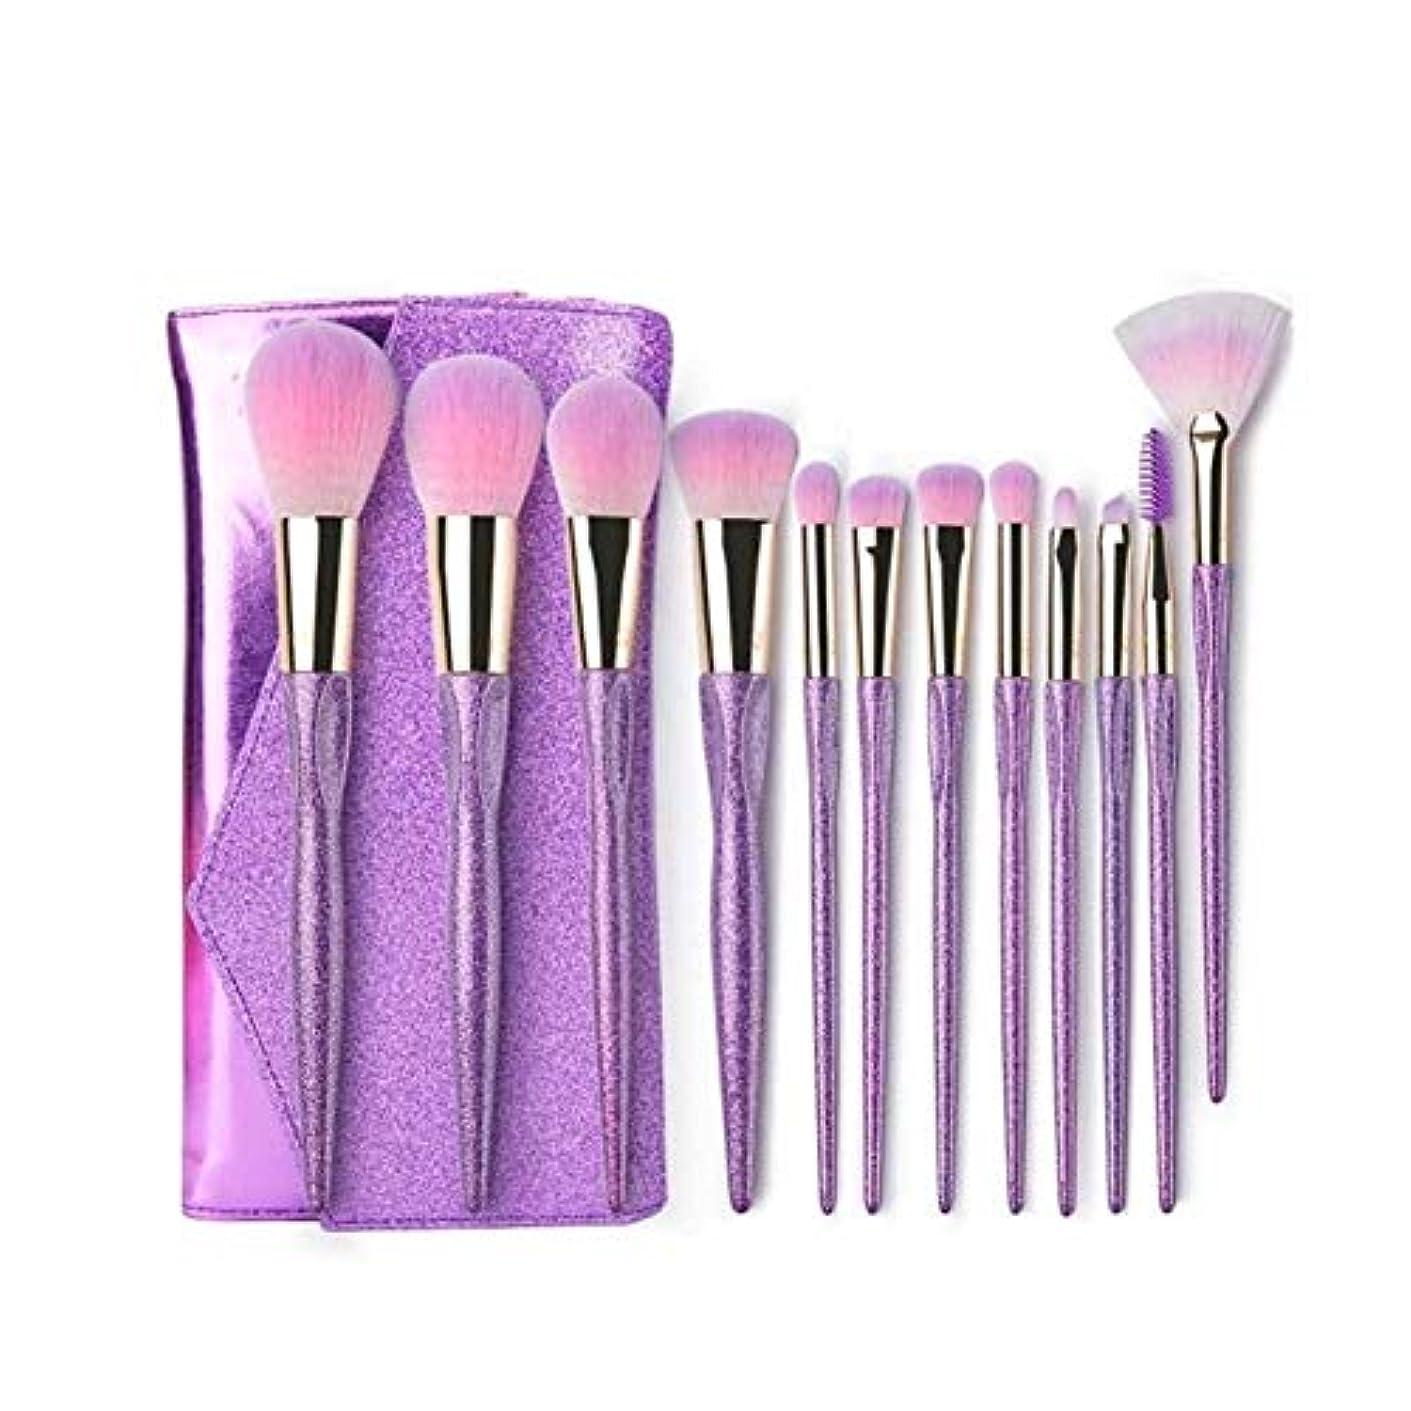 達成可能アナログオリエントXIAOCHAOSD メイクブラシ、12メイクブラシセット、財団ブラシ高光沢ブラシアイシャドウブラシまつげカールセット、初心者メイクブラシ、ソフトで快適な (Color : Purple)